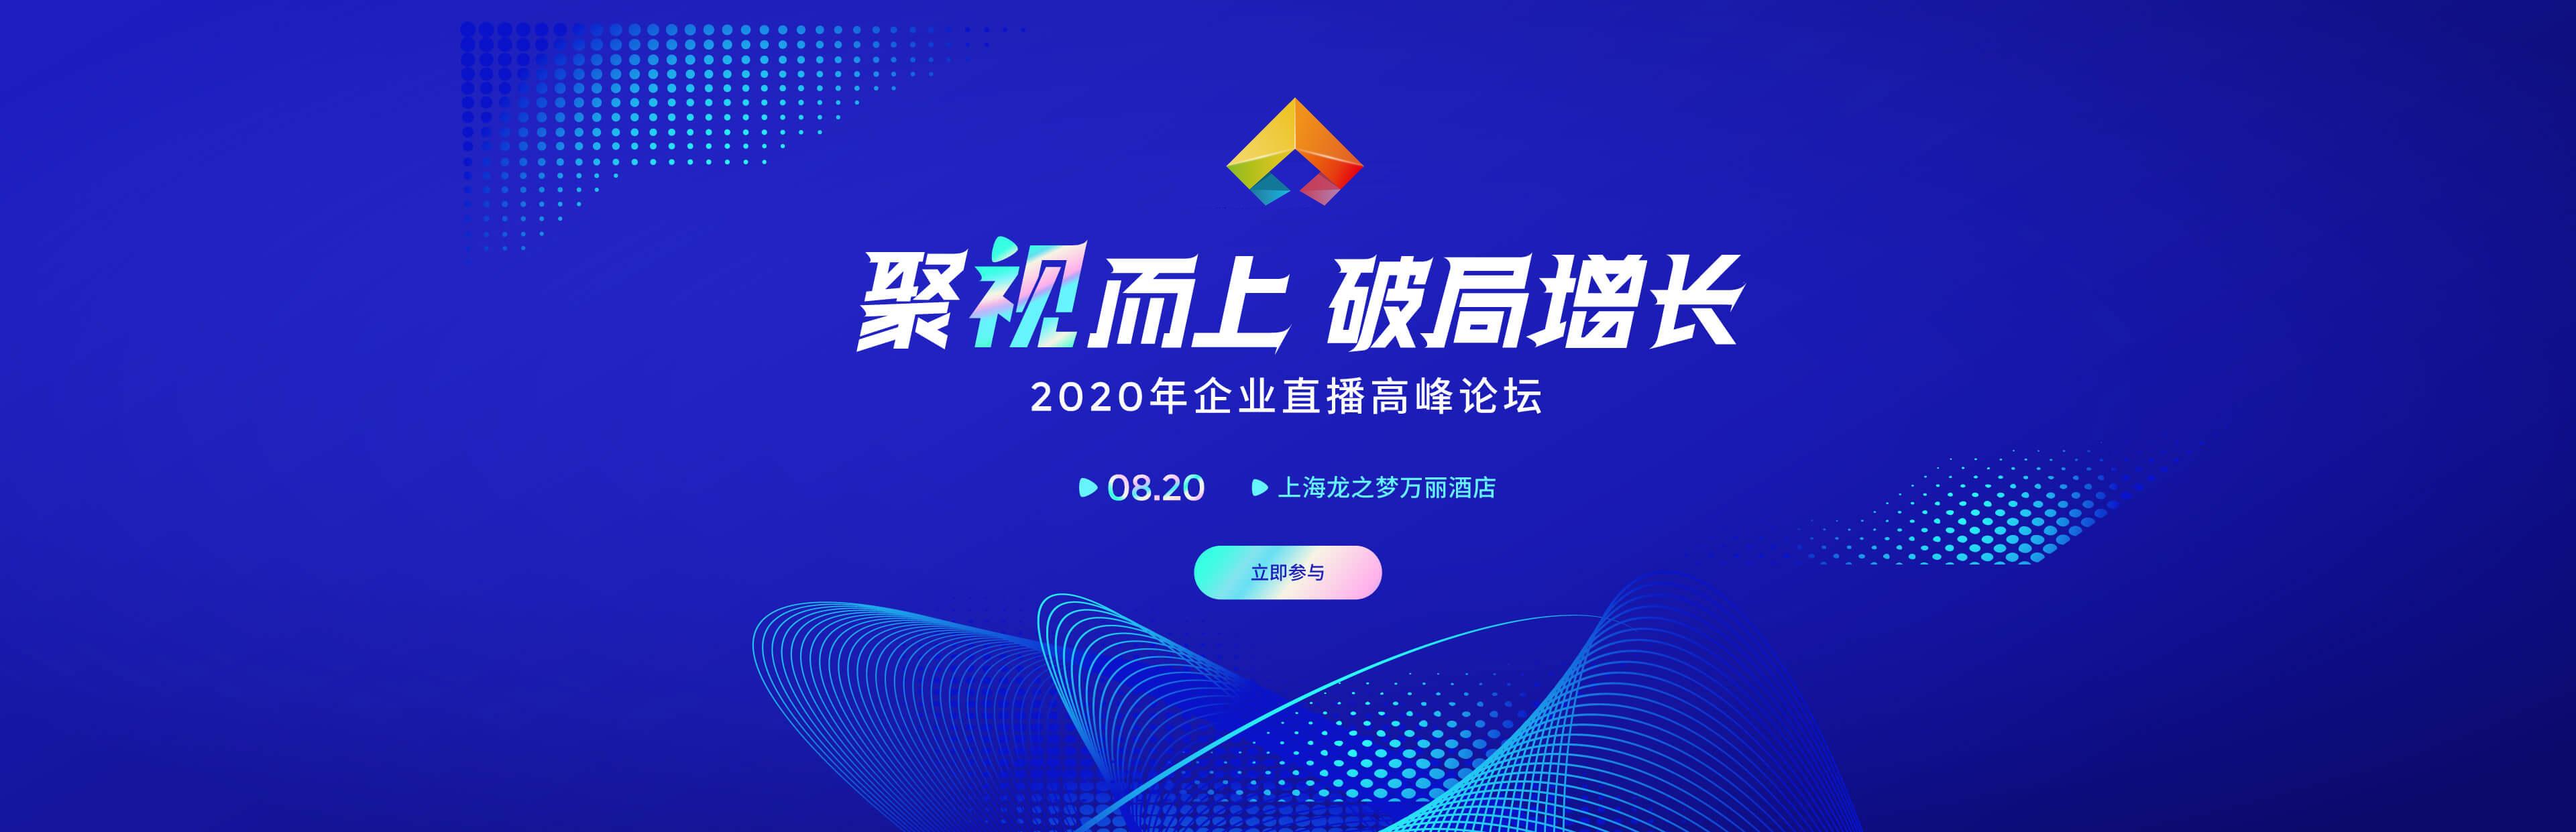 2020年企业直播高峰论坛